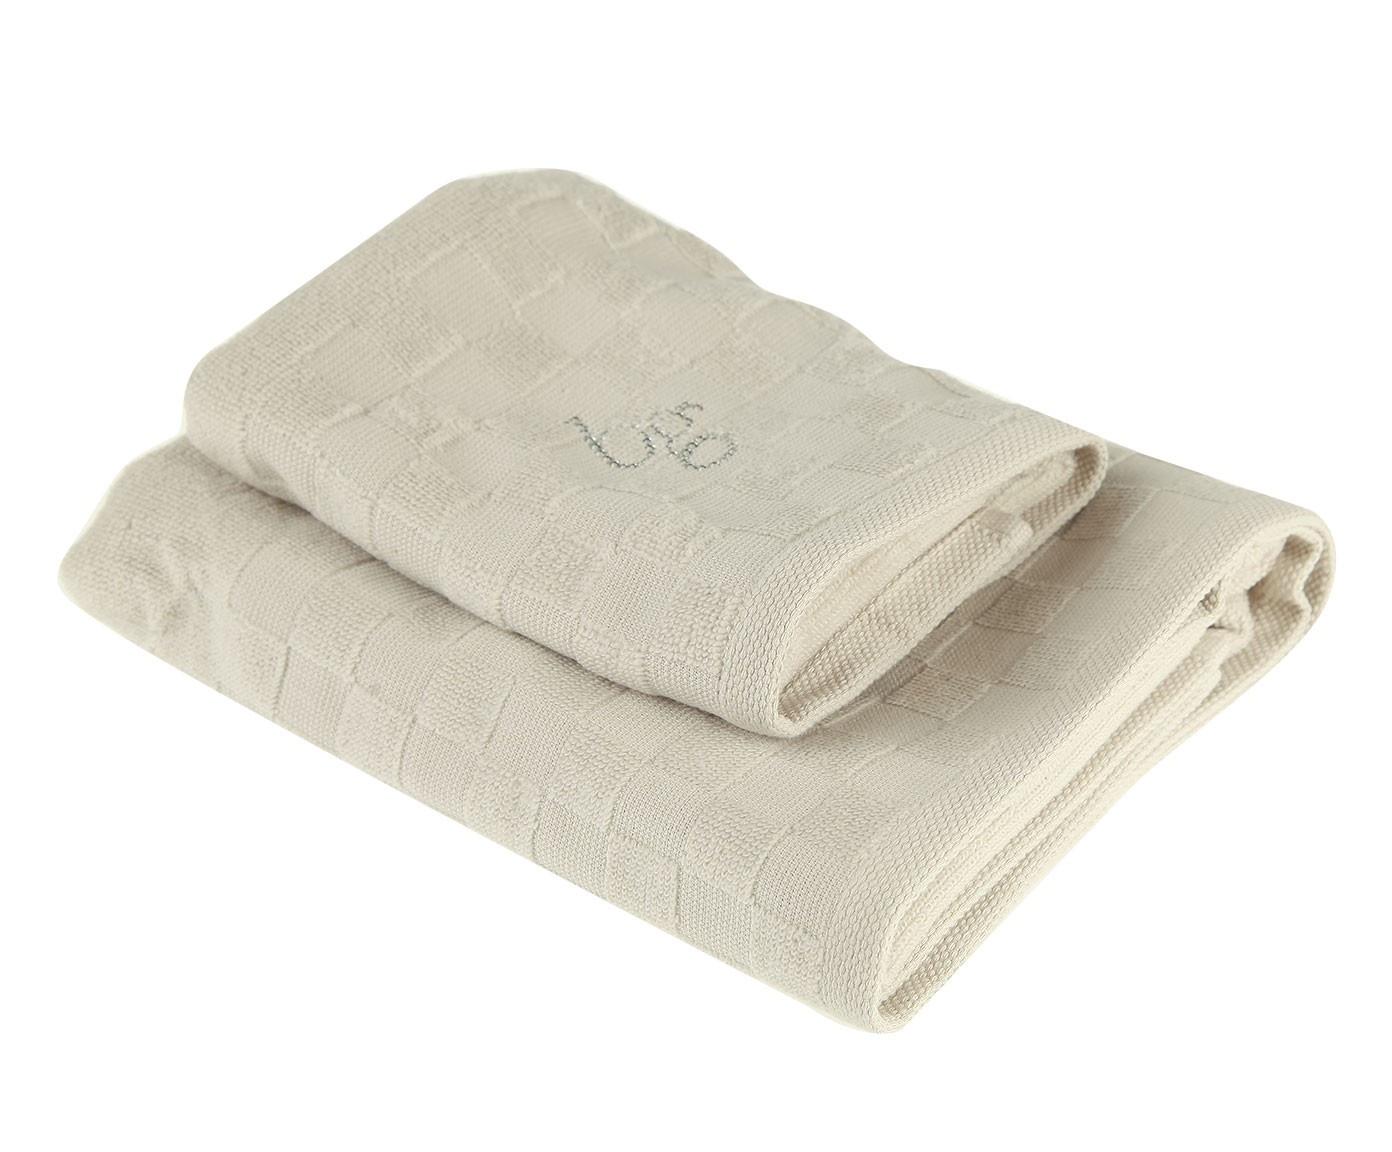 Набор банных полотенец Blumarine 1423705, серый набор банных полотенец blumarine dustin white белый